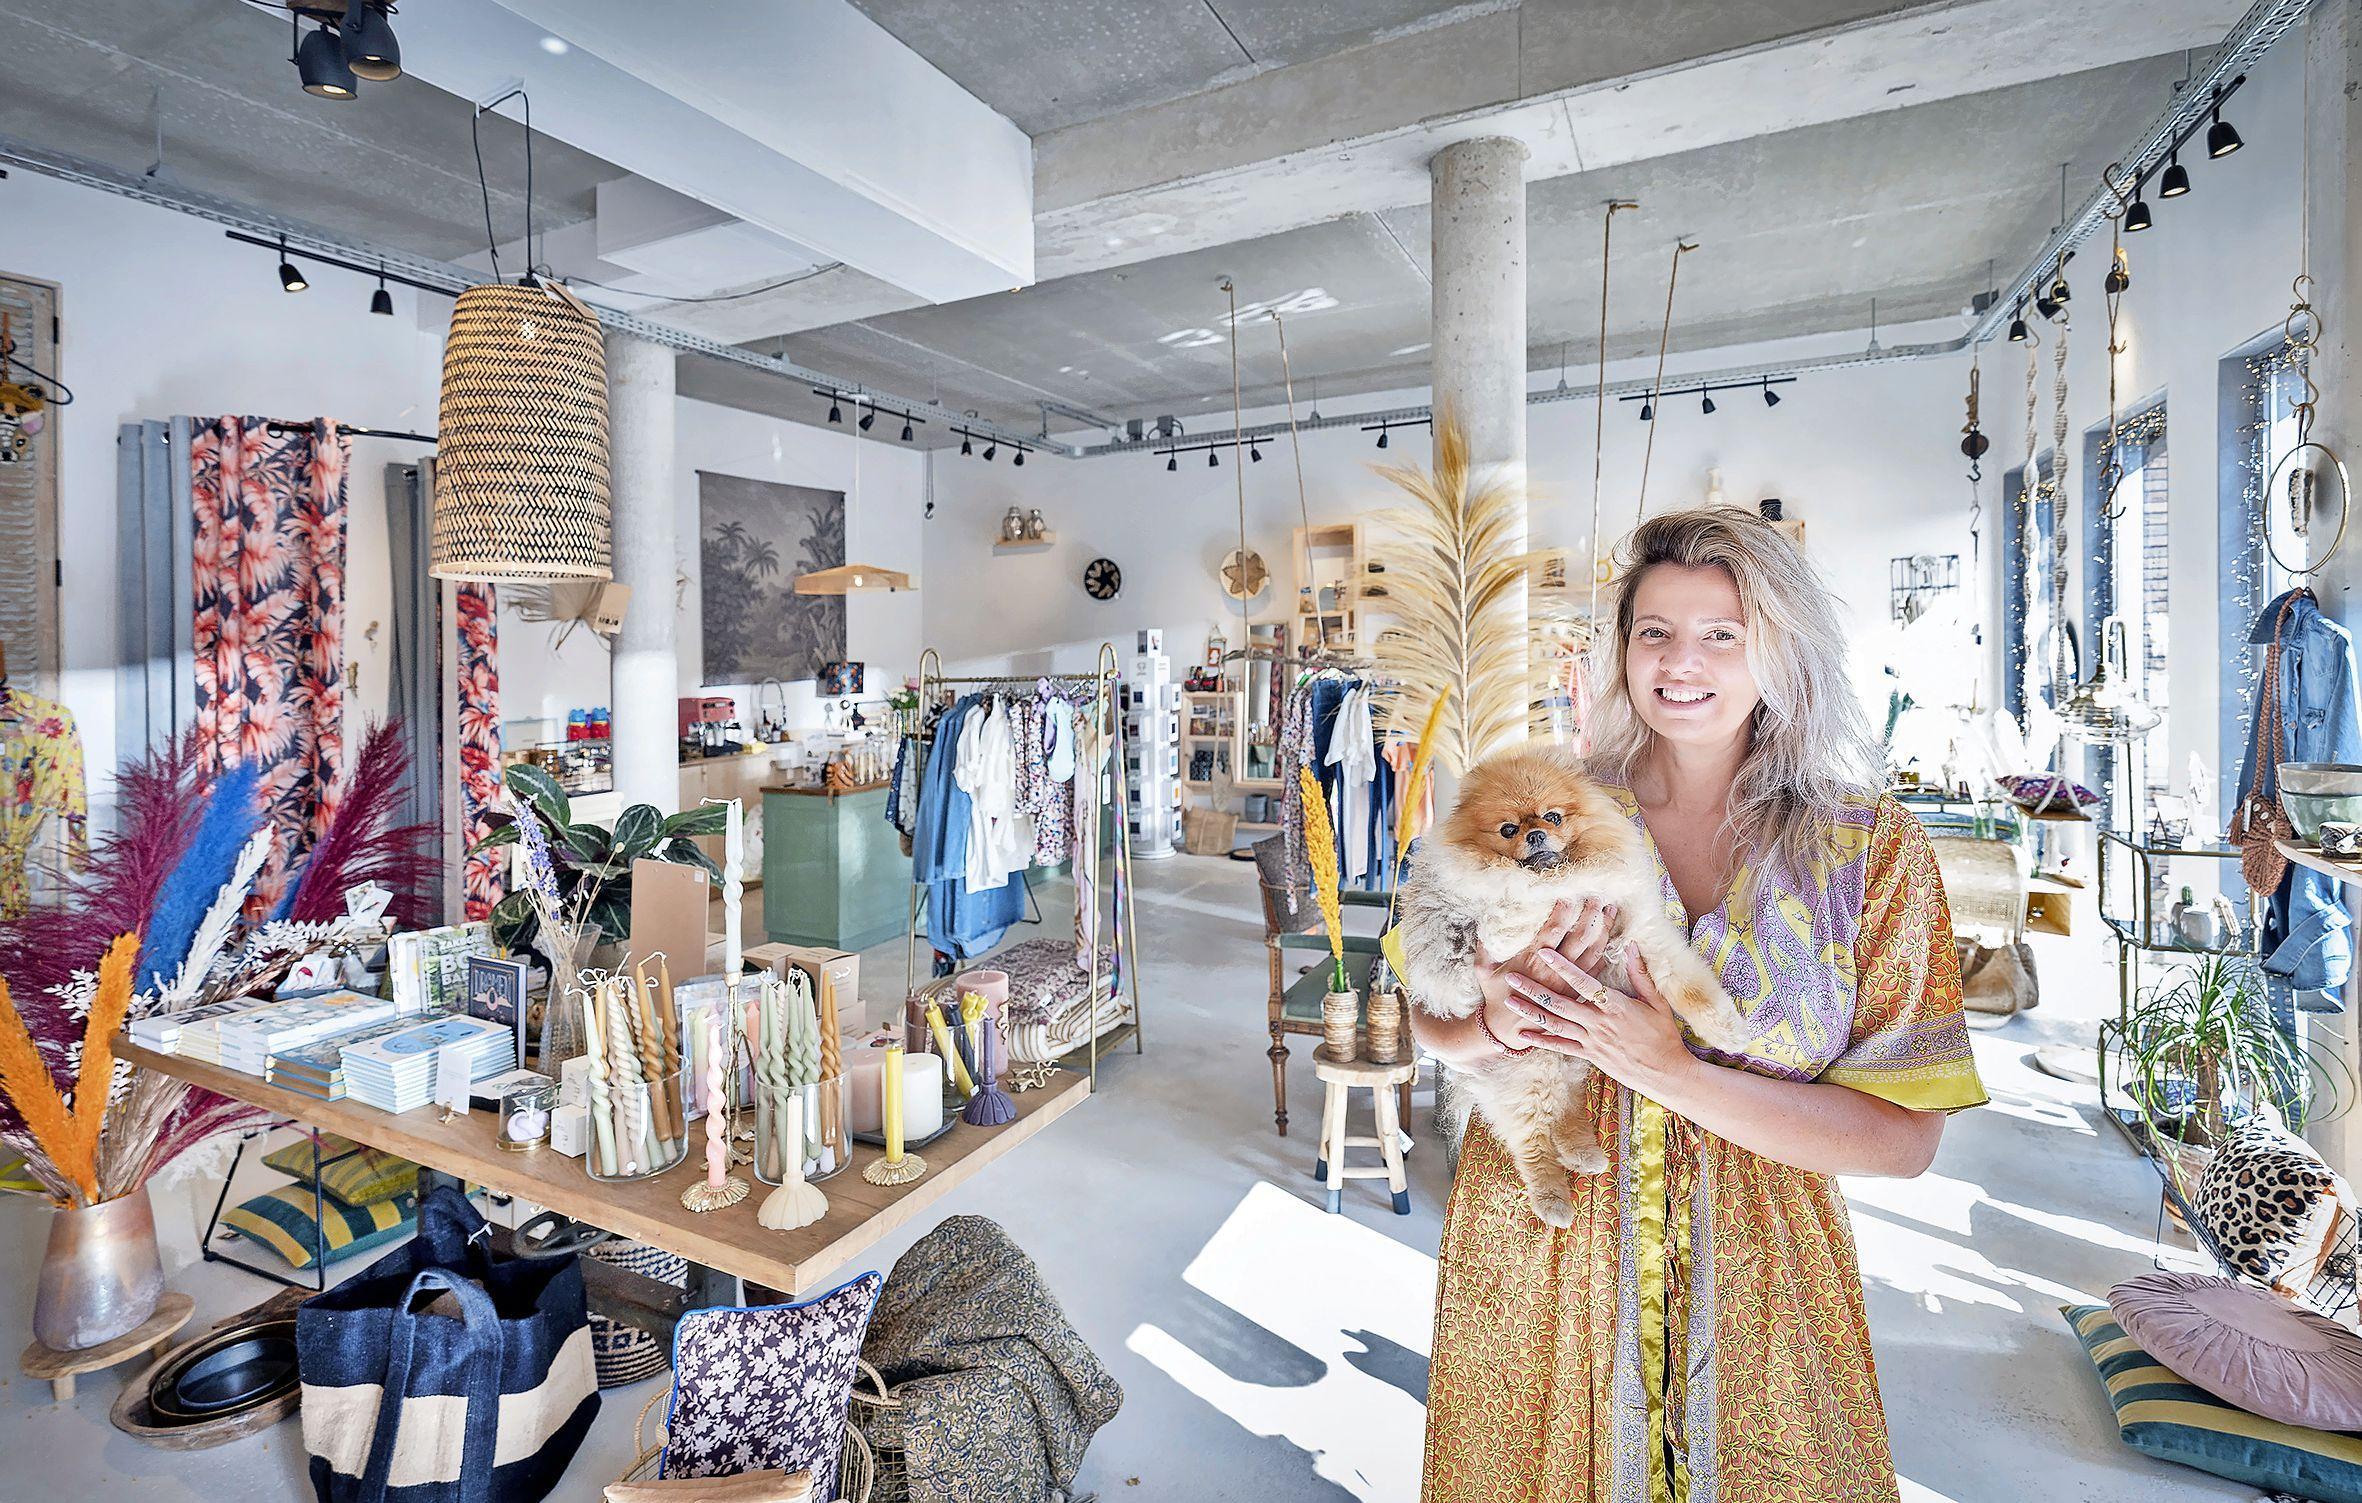 'Het is altijd al een droom van me geweest om een eigen winkel te hebben.'Kimberly verkoopt aparte cadeauspulletjes